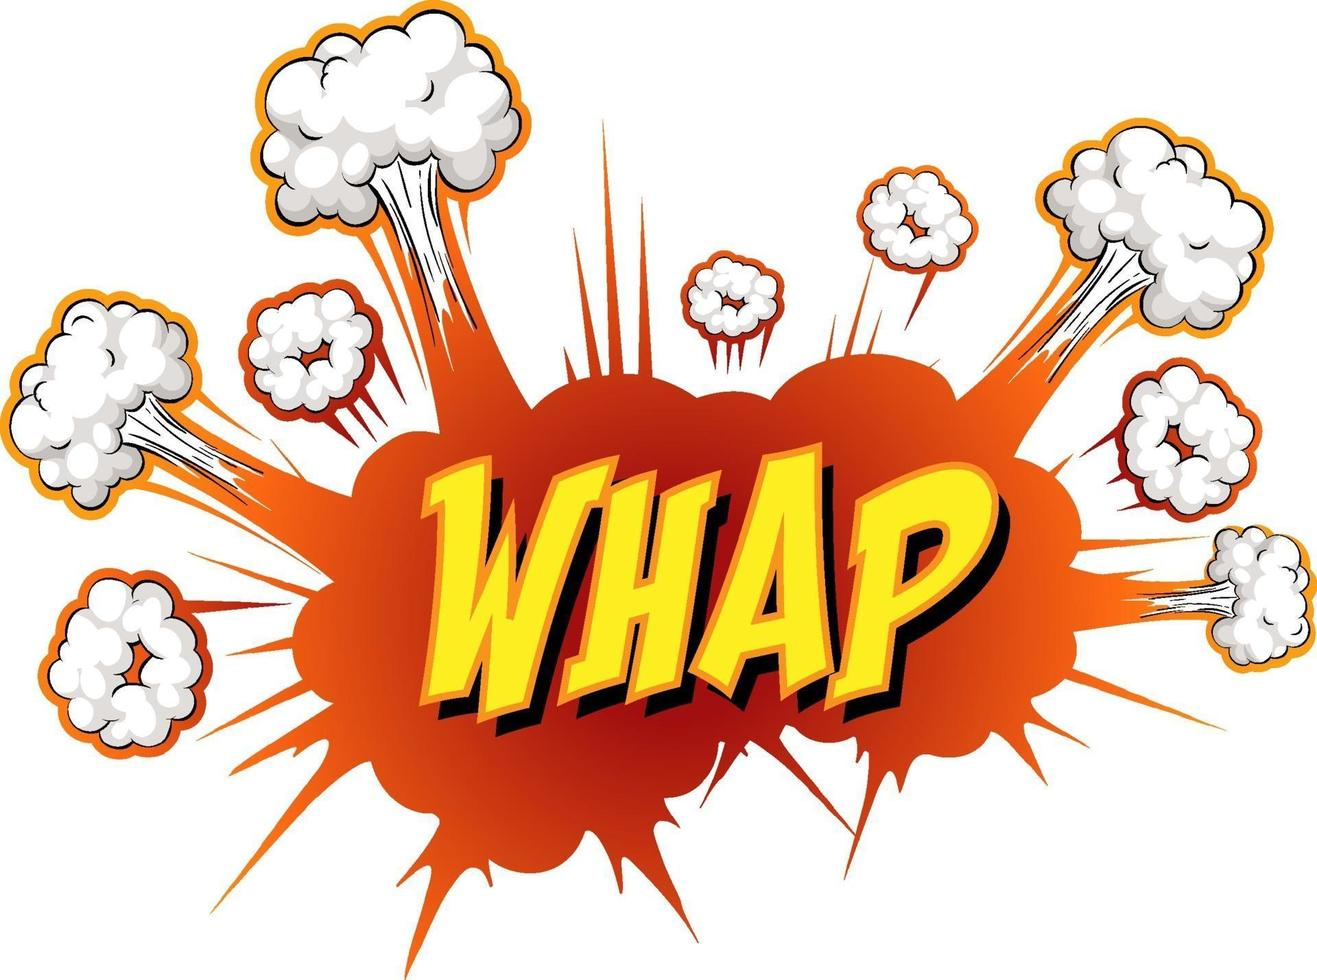 komische tekstballon met whap-tekst vector